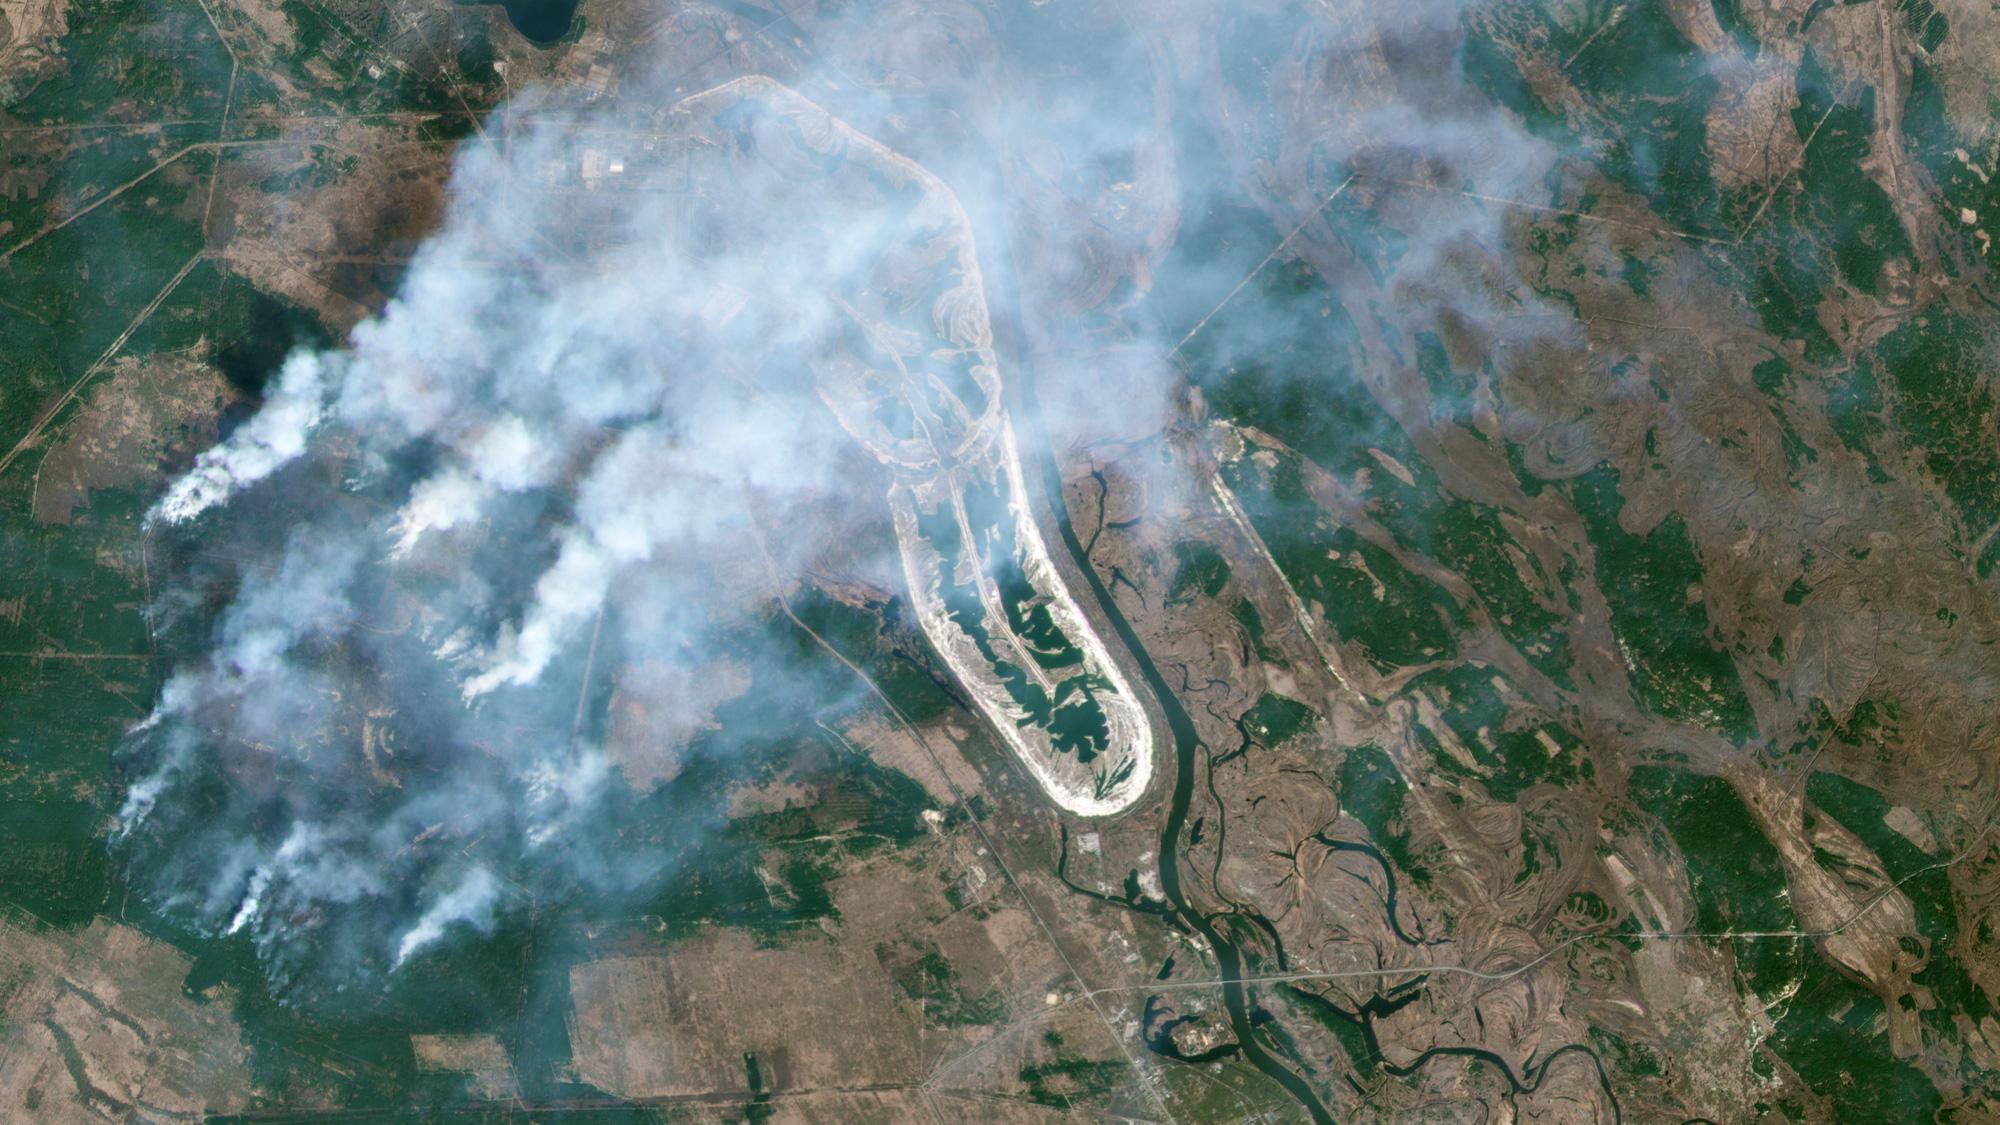 Ảnh chụp từ vệ tinh: Chernobyl chìm trong biển khói trắng vì thảm họa cháy lớn, lửa đang lan dần đến nhà máy điện hạt nhân bỏ hoang - Ảnh 1.